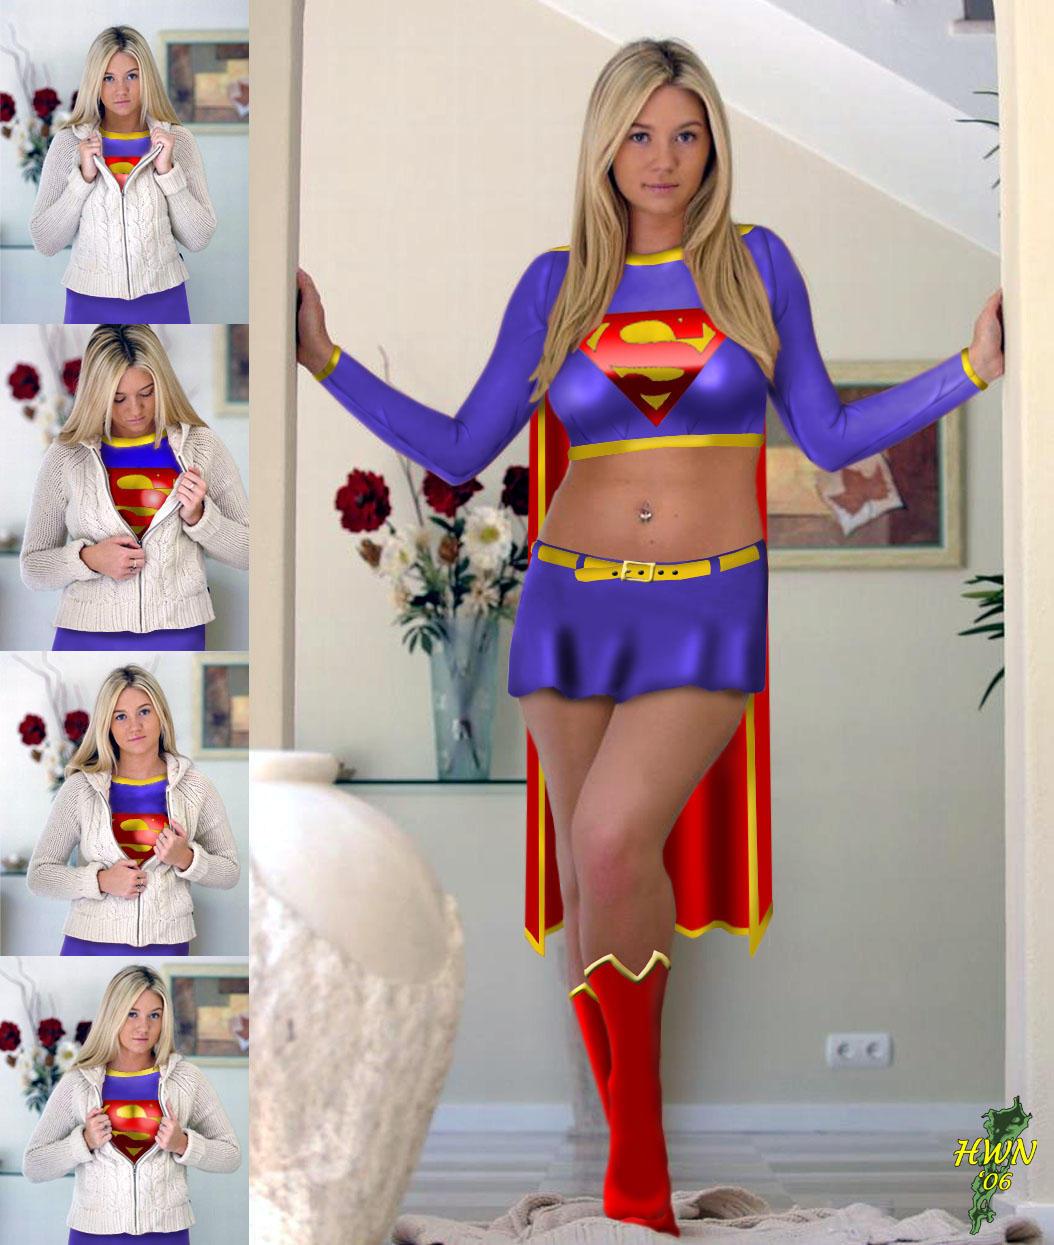 Supergirl next door